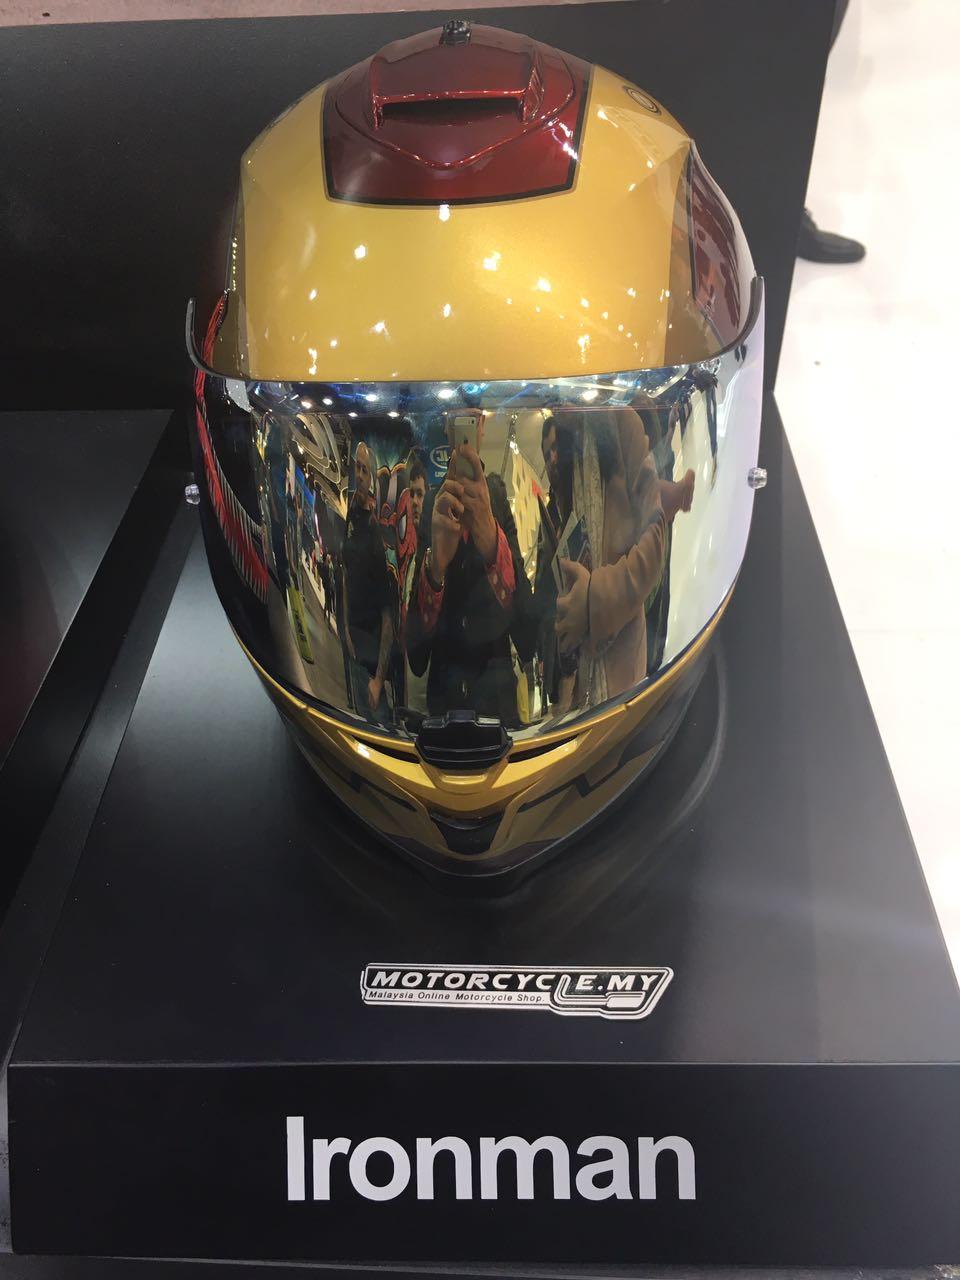 Marvel Limited Edition Hjc Helmets Eicma Spiderman